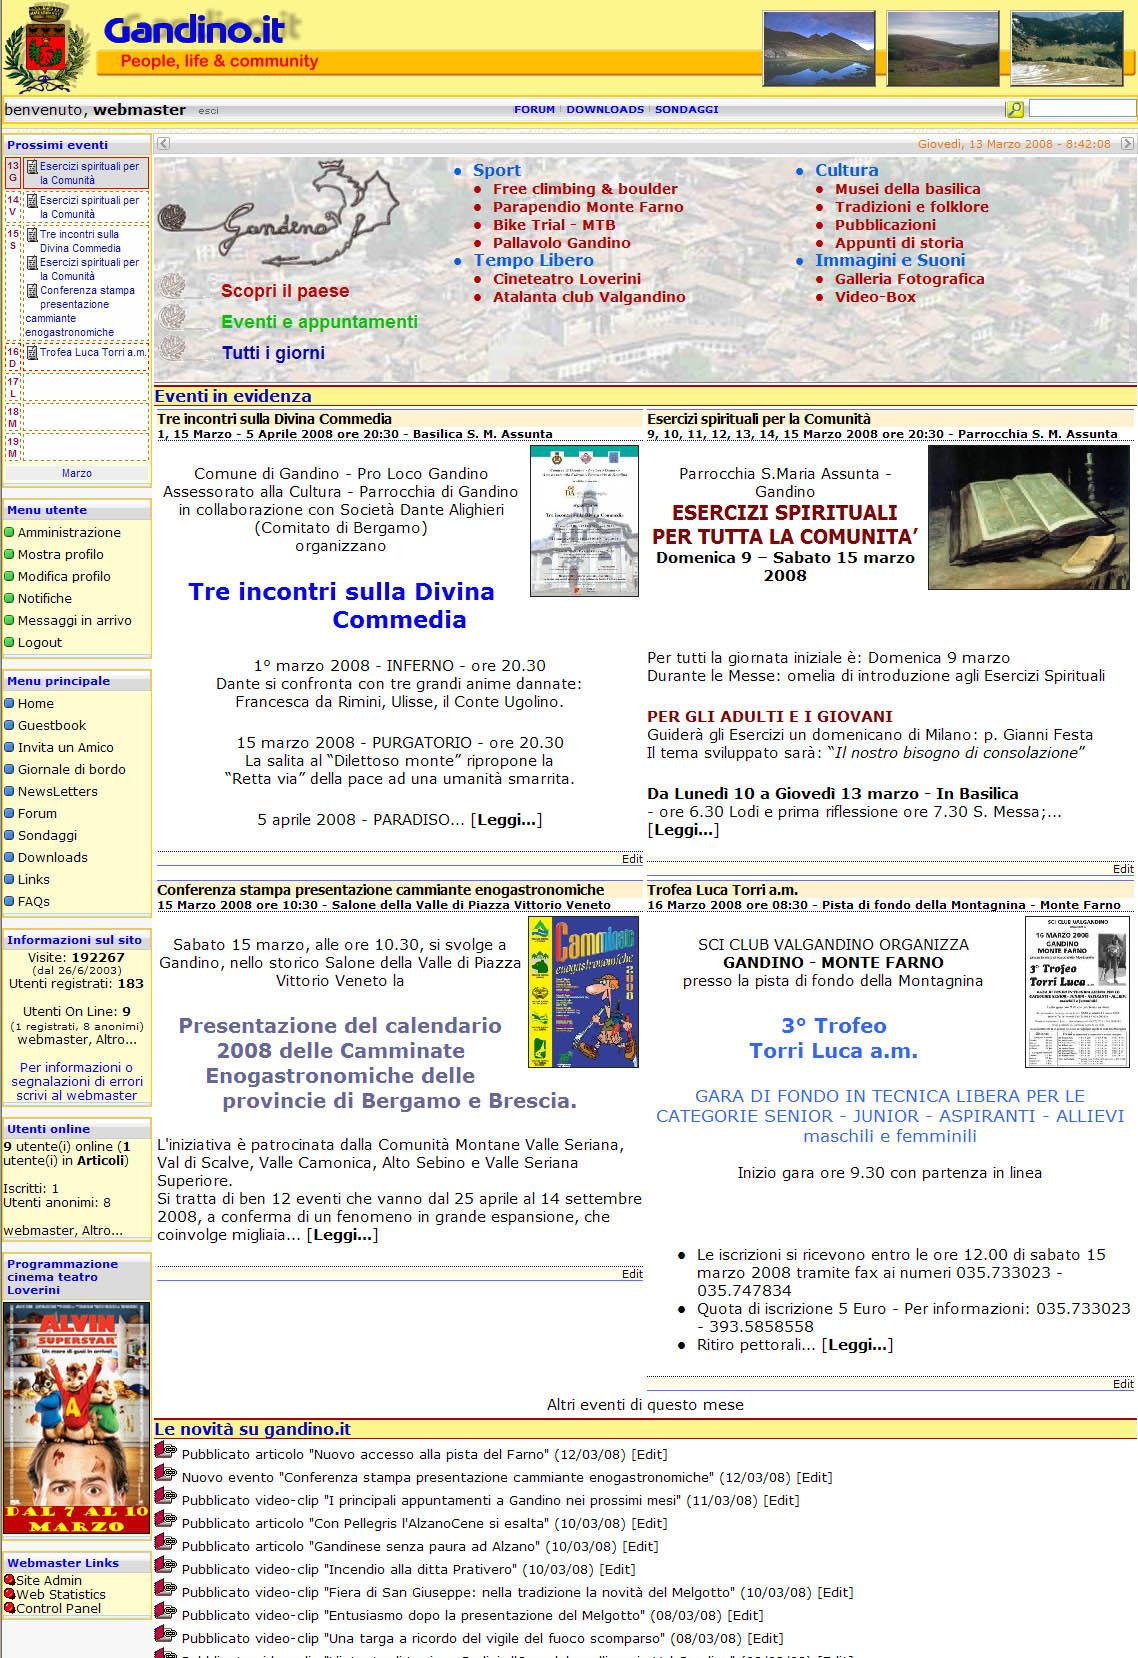 Quarta versione del 2006